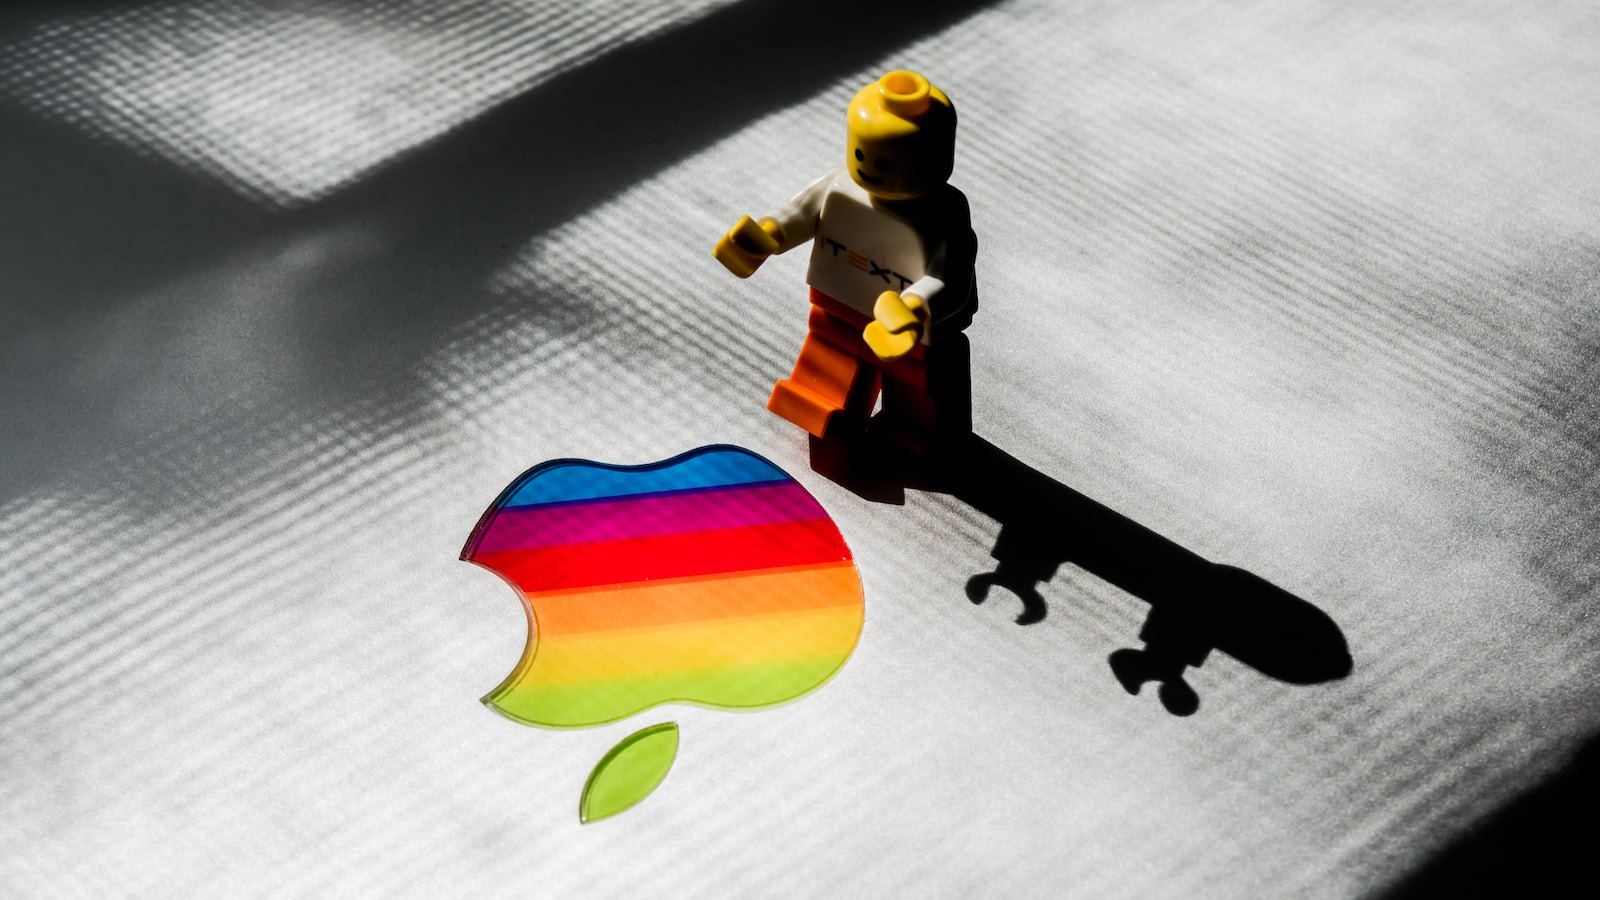 rishi-deep-QtnUbHeiOE0-unsplash-apple-lego.jpg